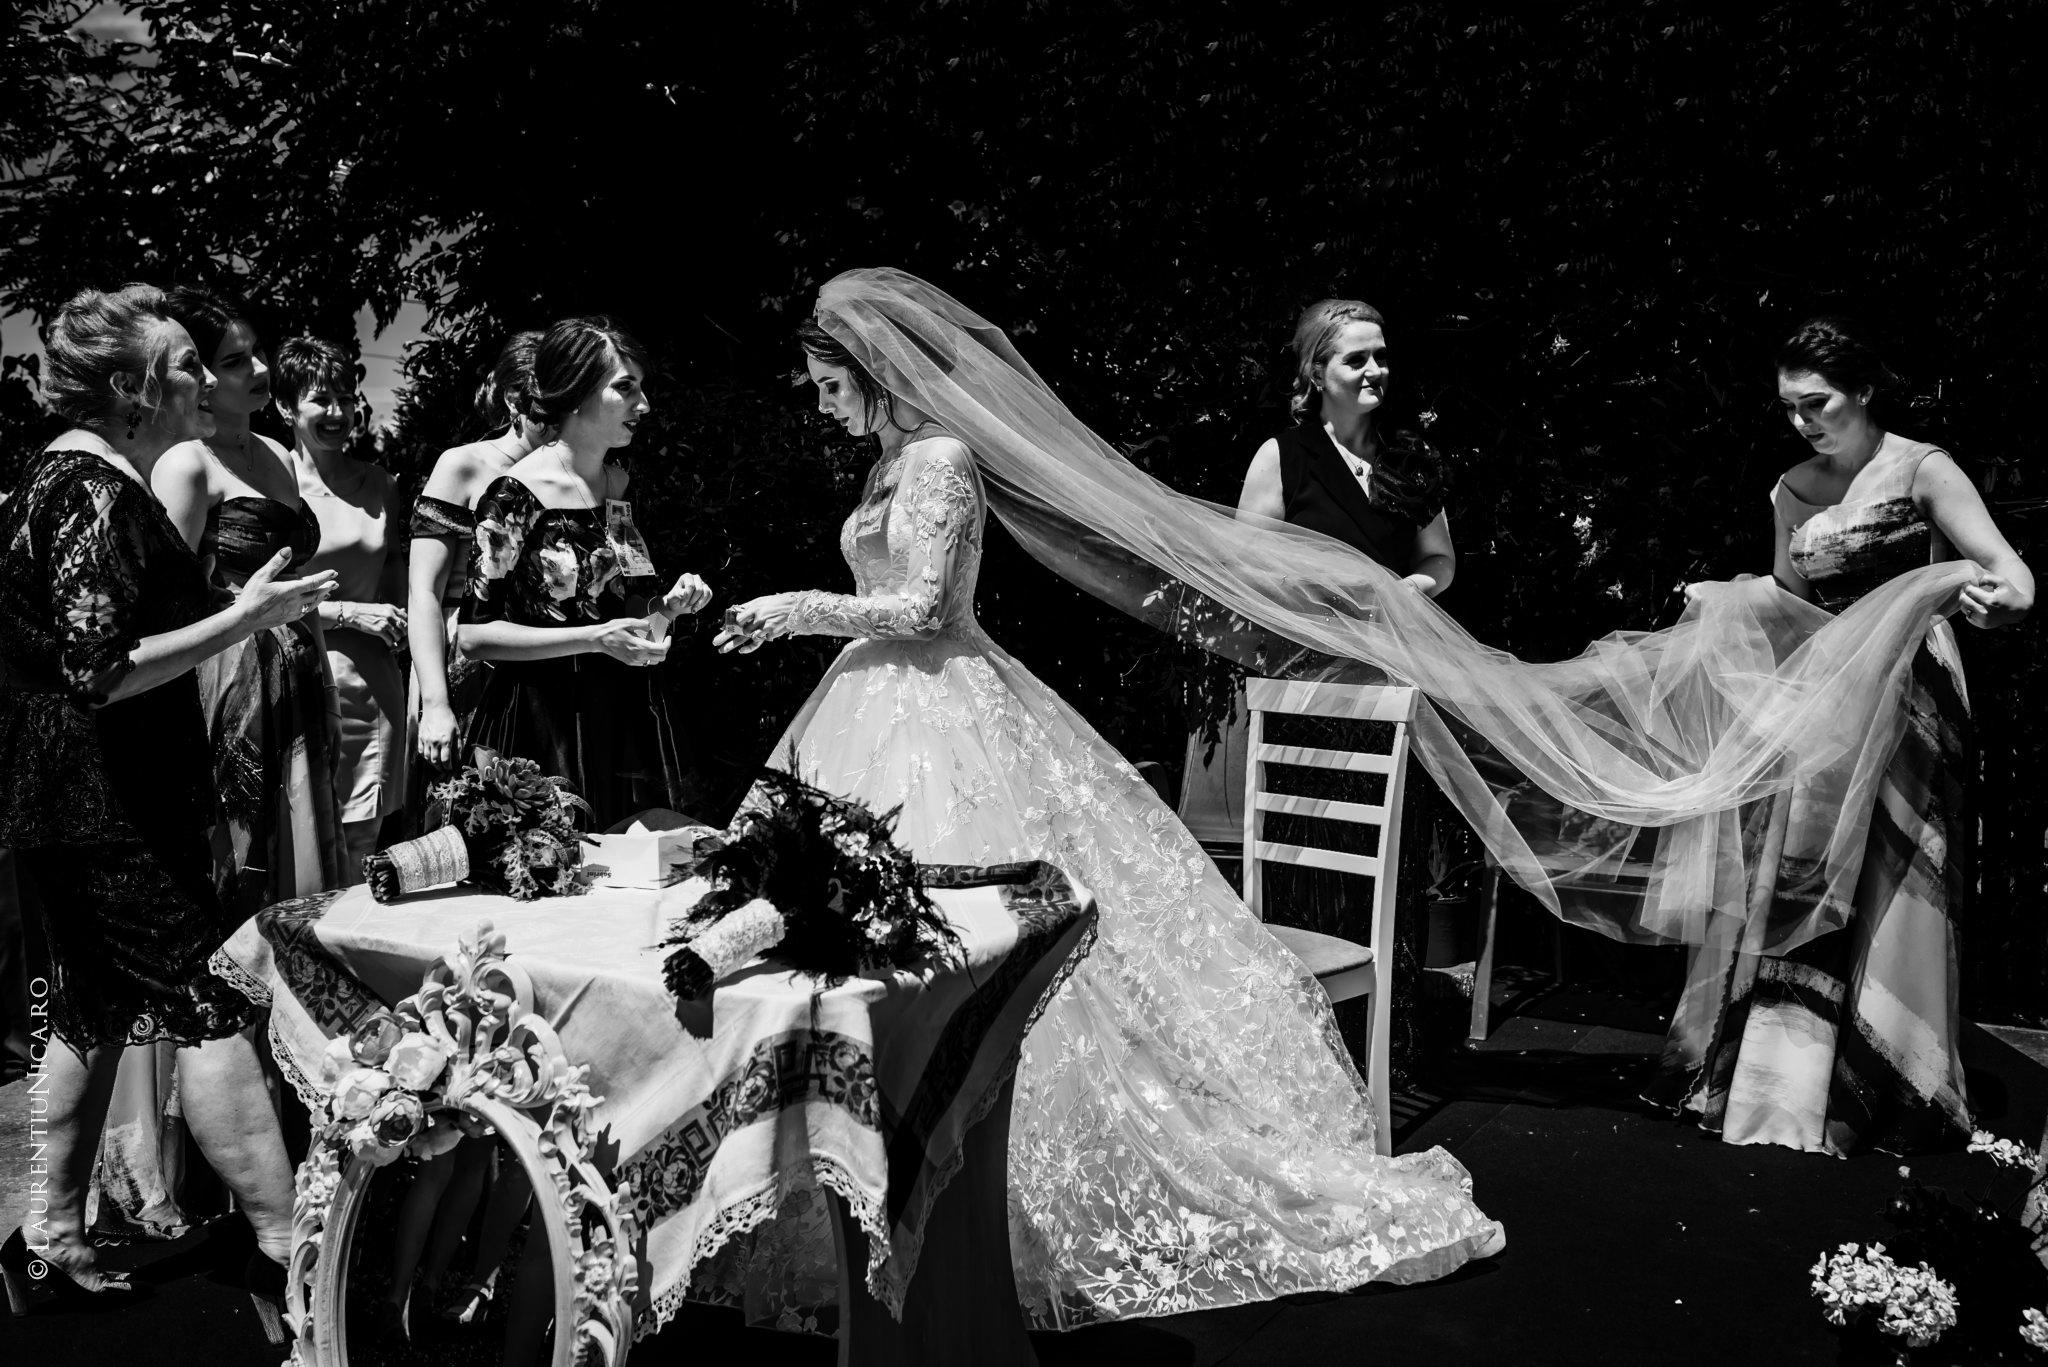 fotografii nunta denisa si florin craiova 16 - Denisa & Florin | Fotografii nunta | Craiova